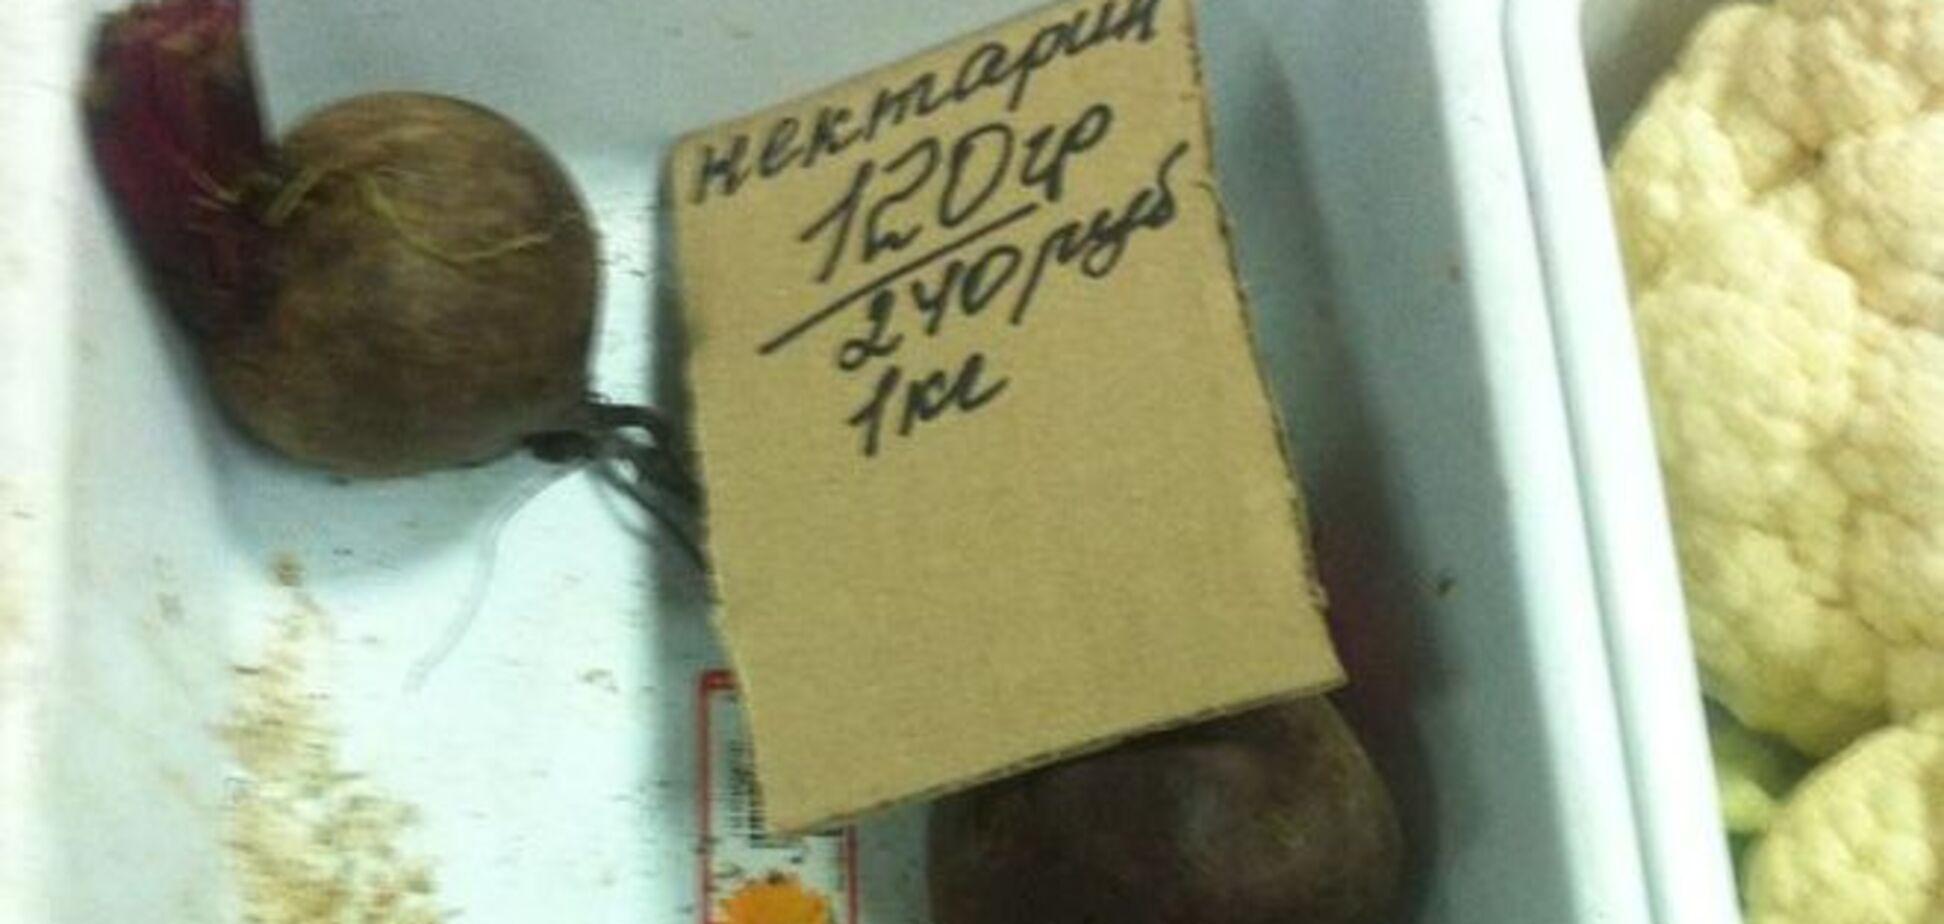 Дороже в 5 раз! В сети появились фото с космическими ценами на рынке Донецка